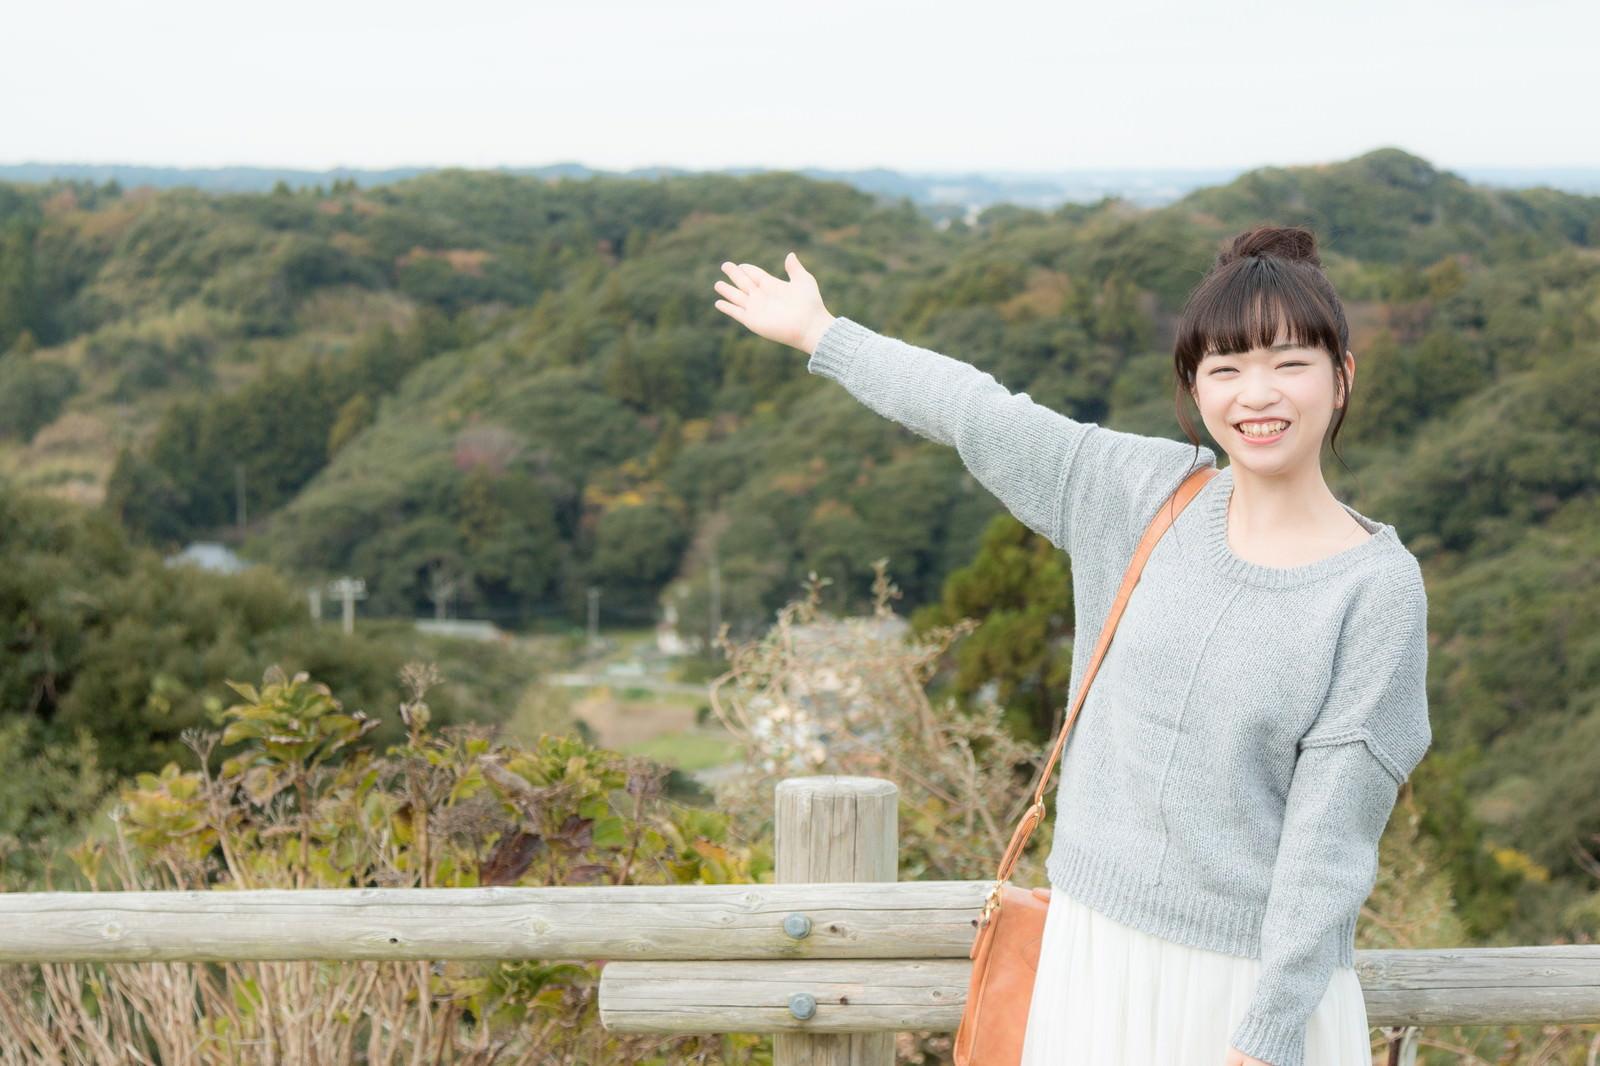 「太東岬からの景観をアピールするレポーター」の写真[モデル:渡辺友美子]